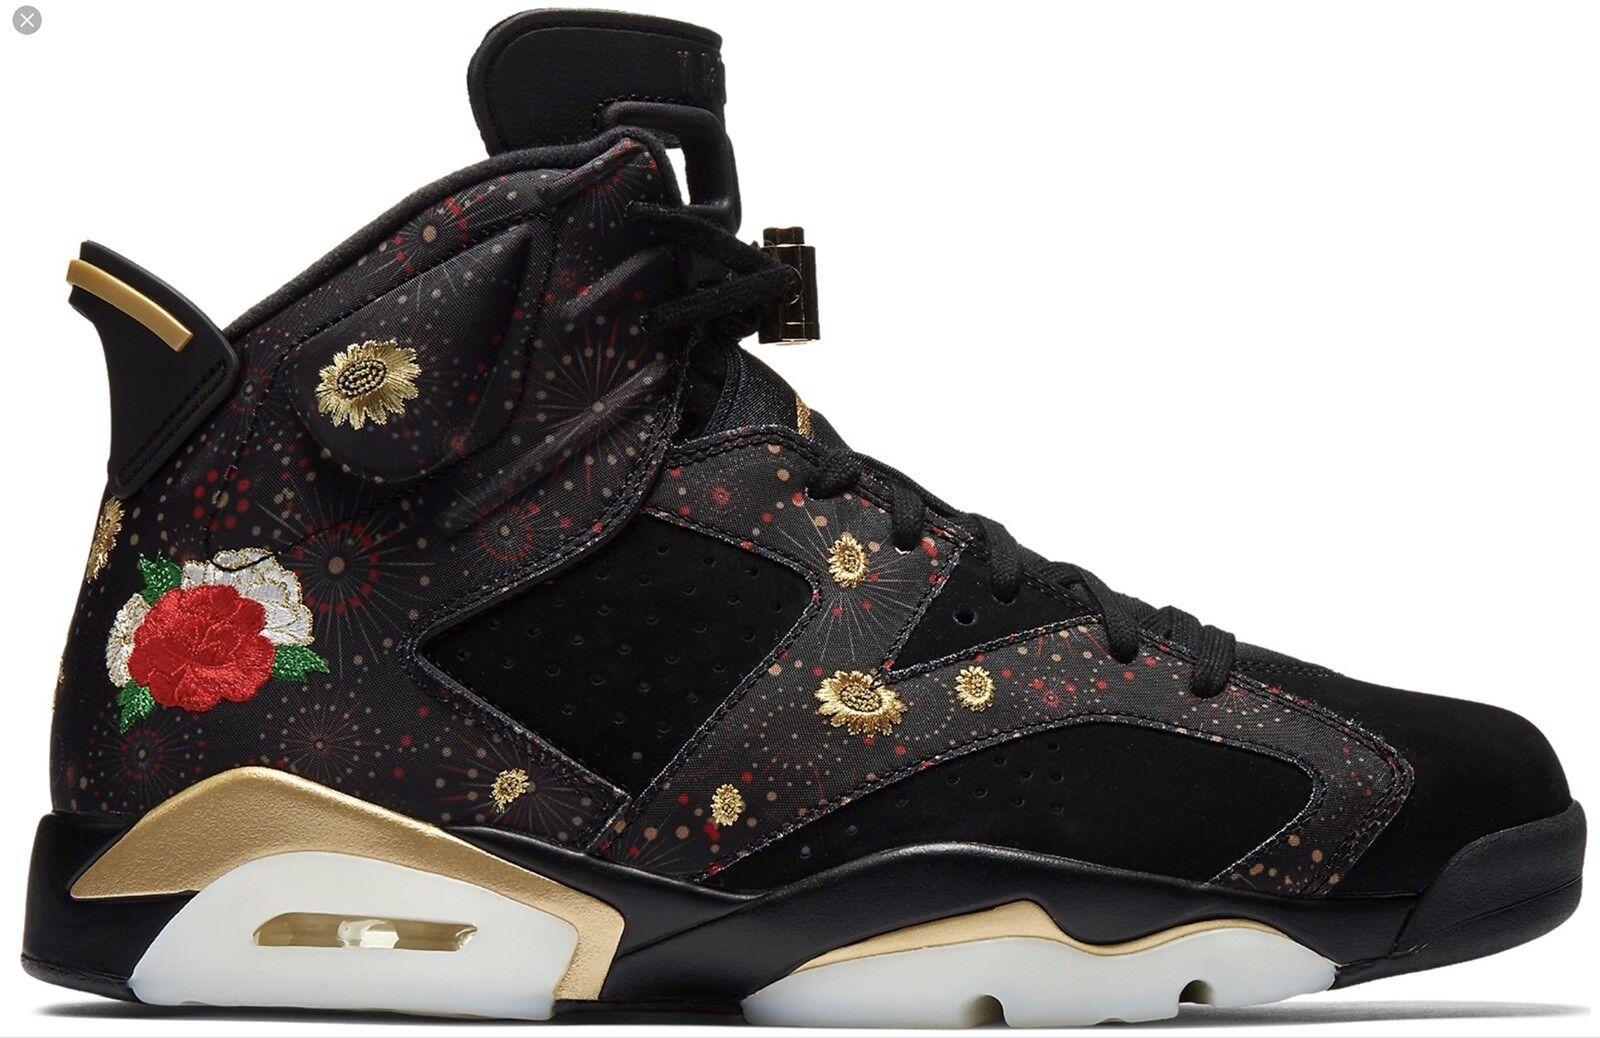 size 40 9ff82 6f708 Nike Air Jordan 6 vi retro vi 6 CNY Año Nuevo chino comodo especial de  tiempo limitado ab6481